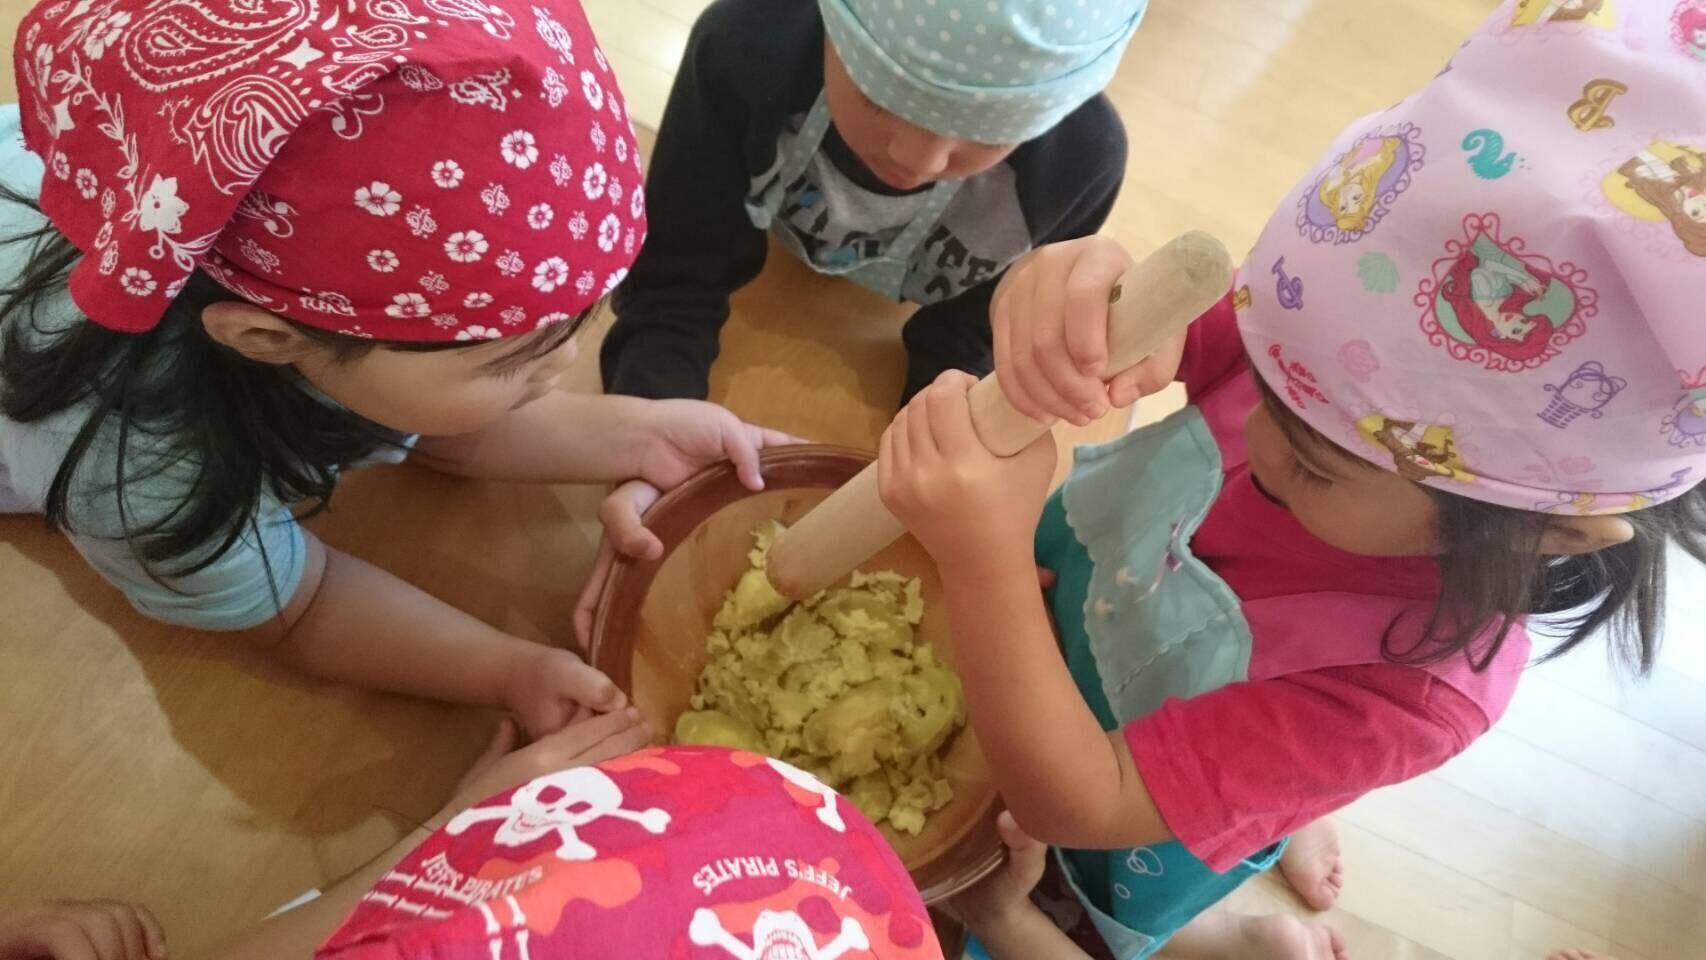 4歳児 らいおん組   クッキーづくりクッキング_c0151262_21451019.jpg